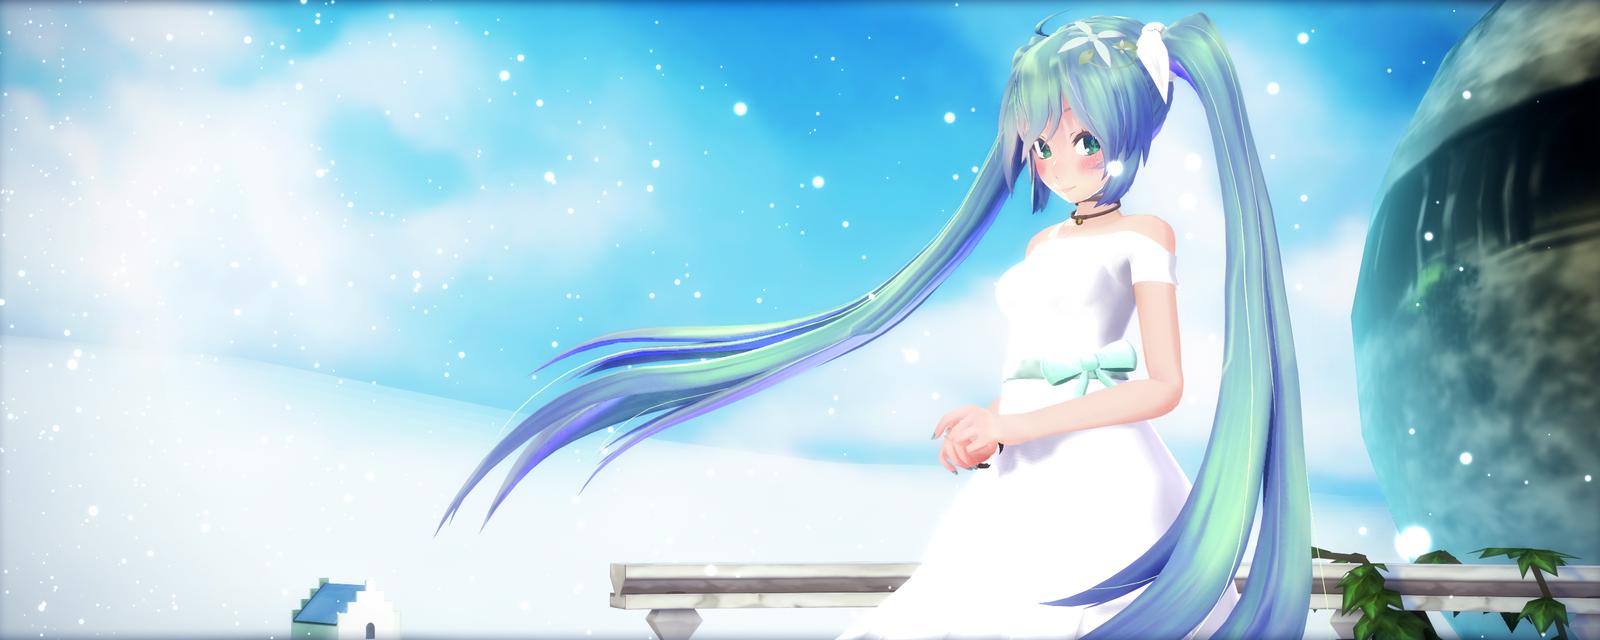 Beautiful World by Aisuchuu